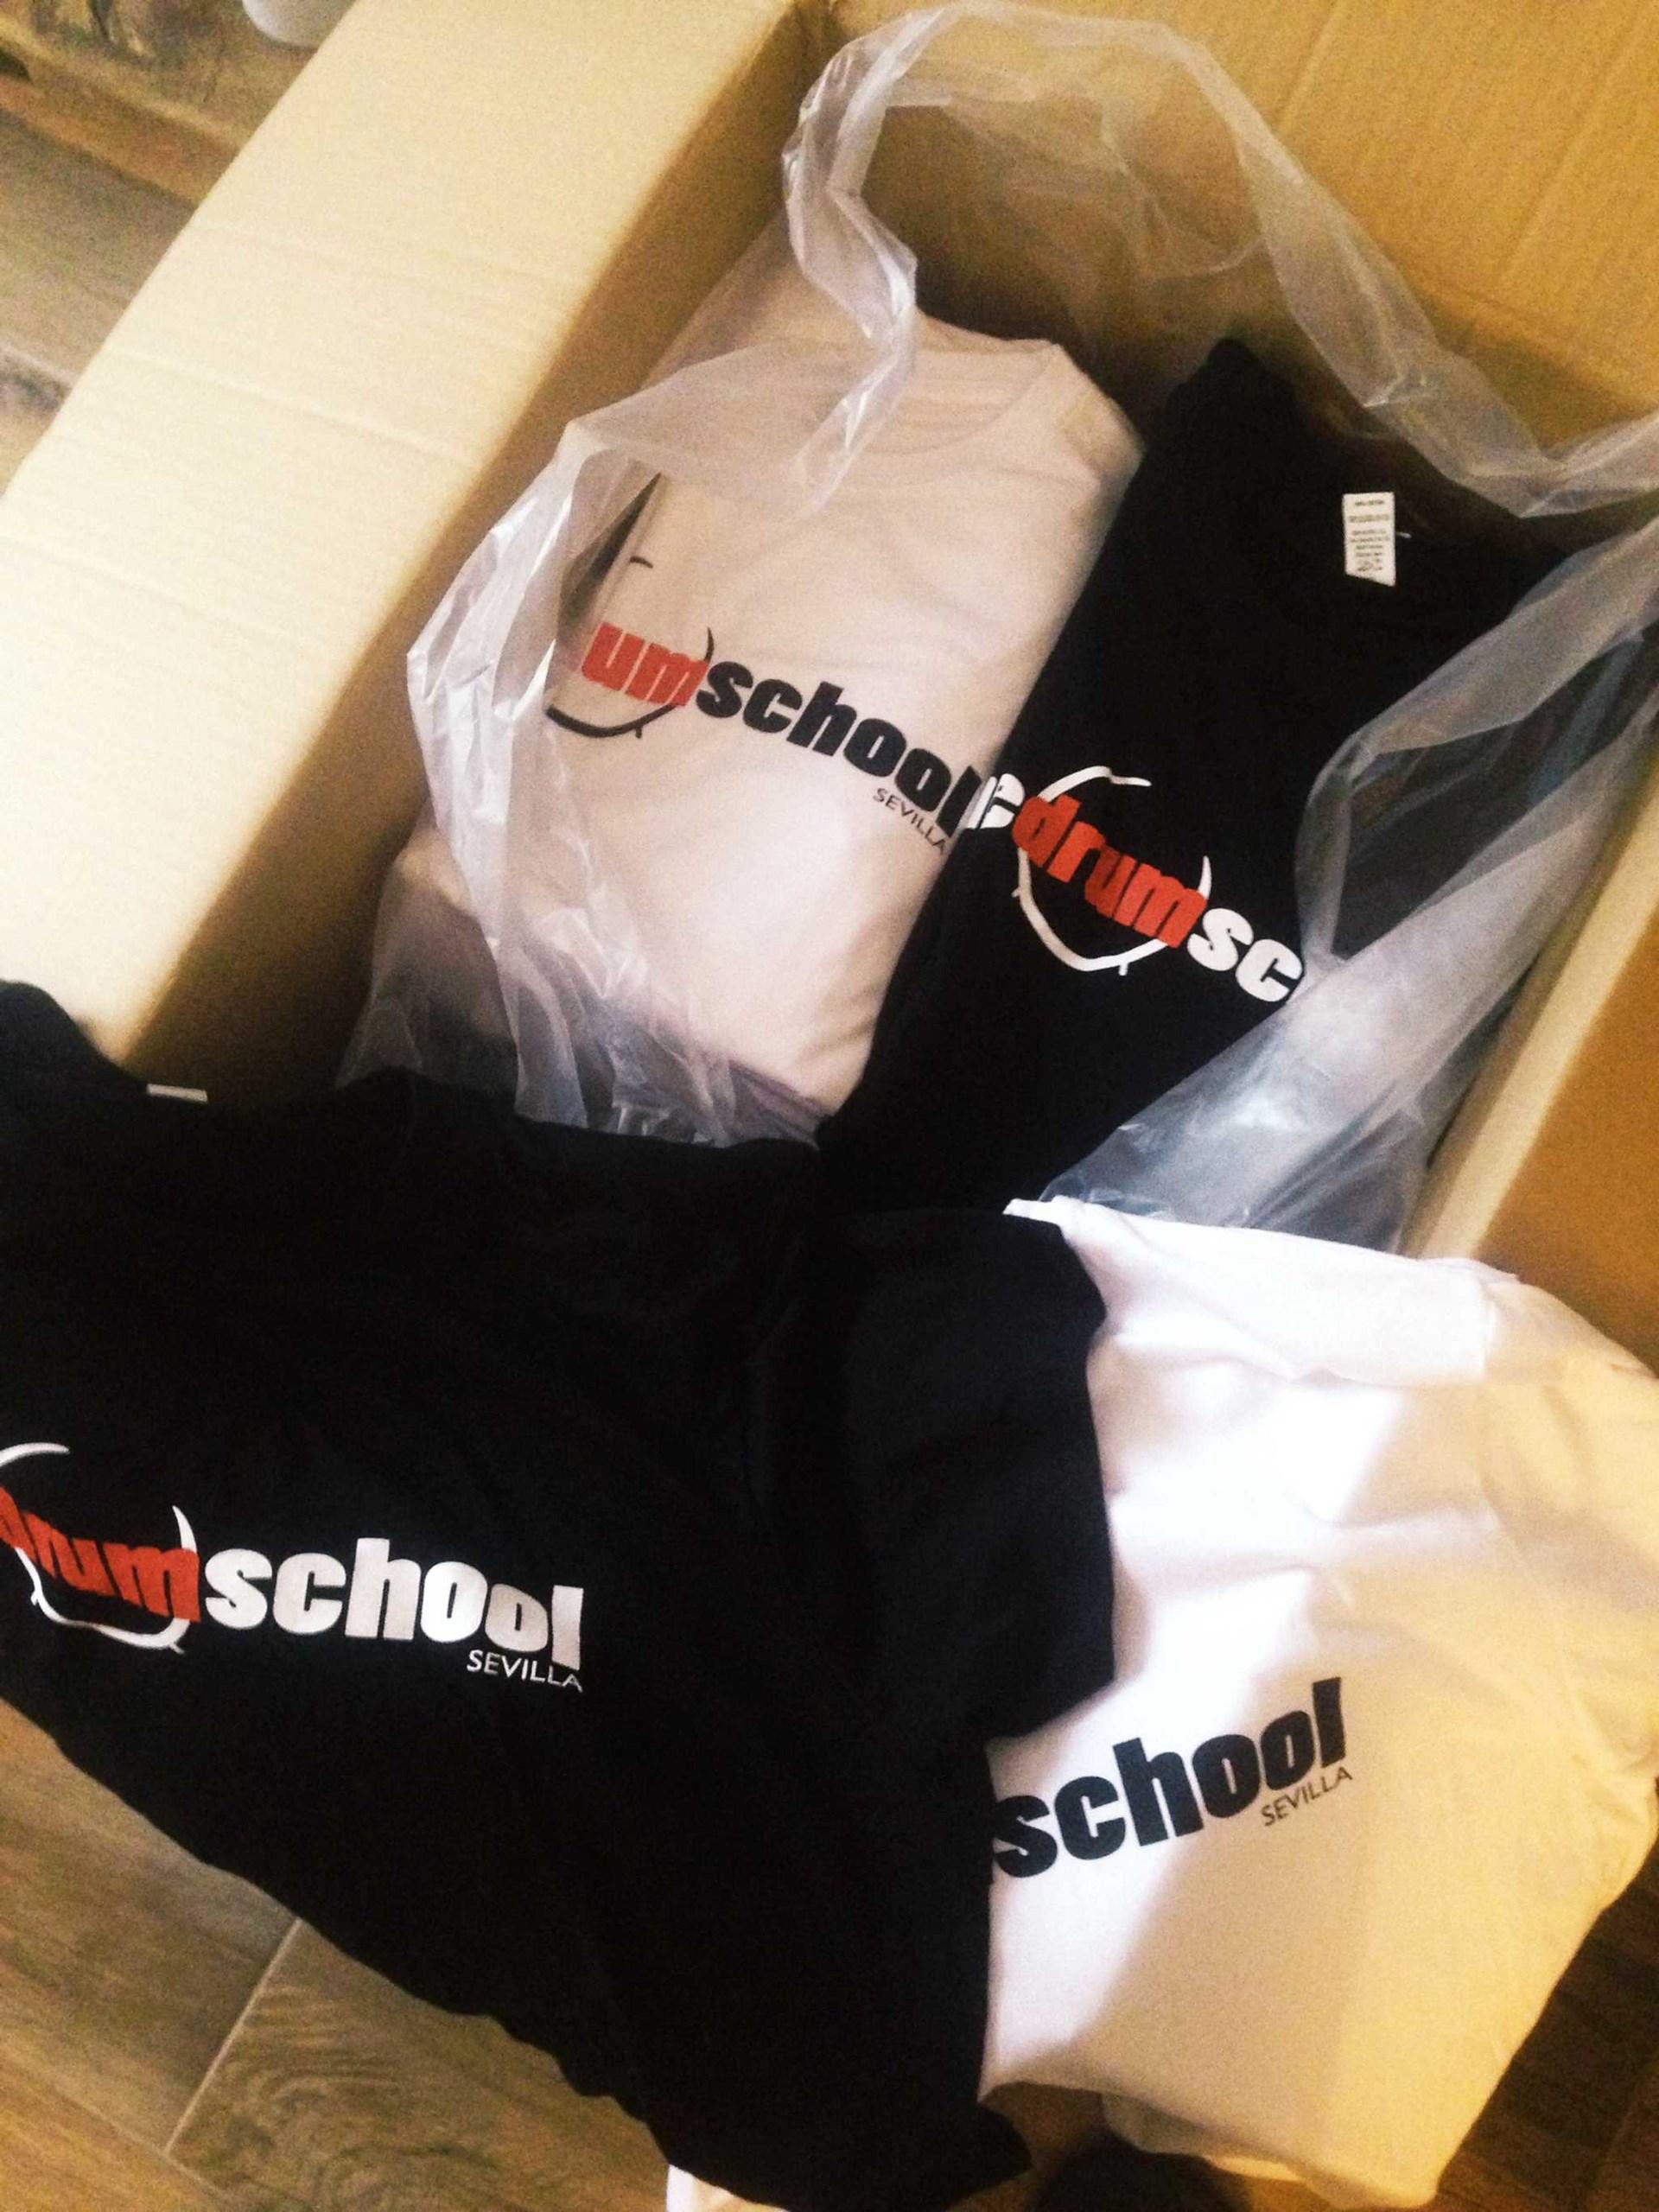 Nuestras camisetas The Drum School Sevilla